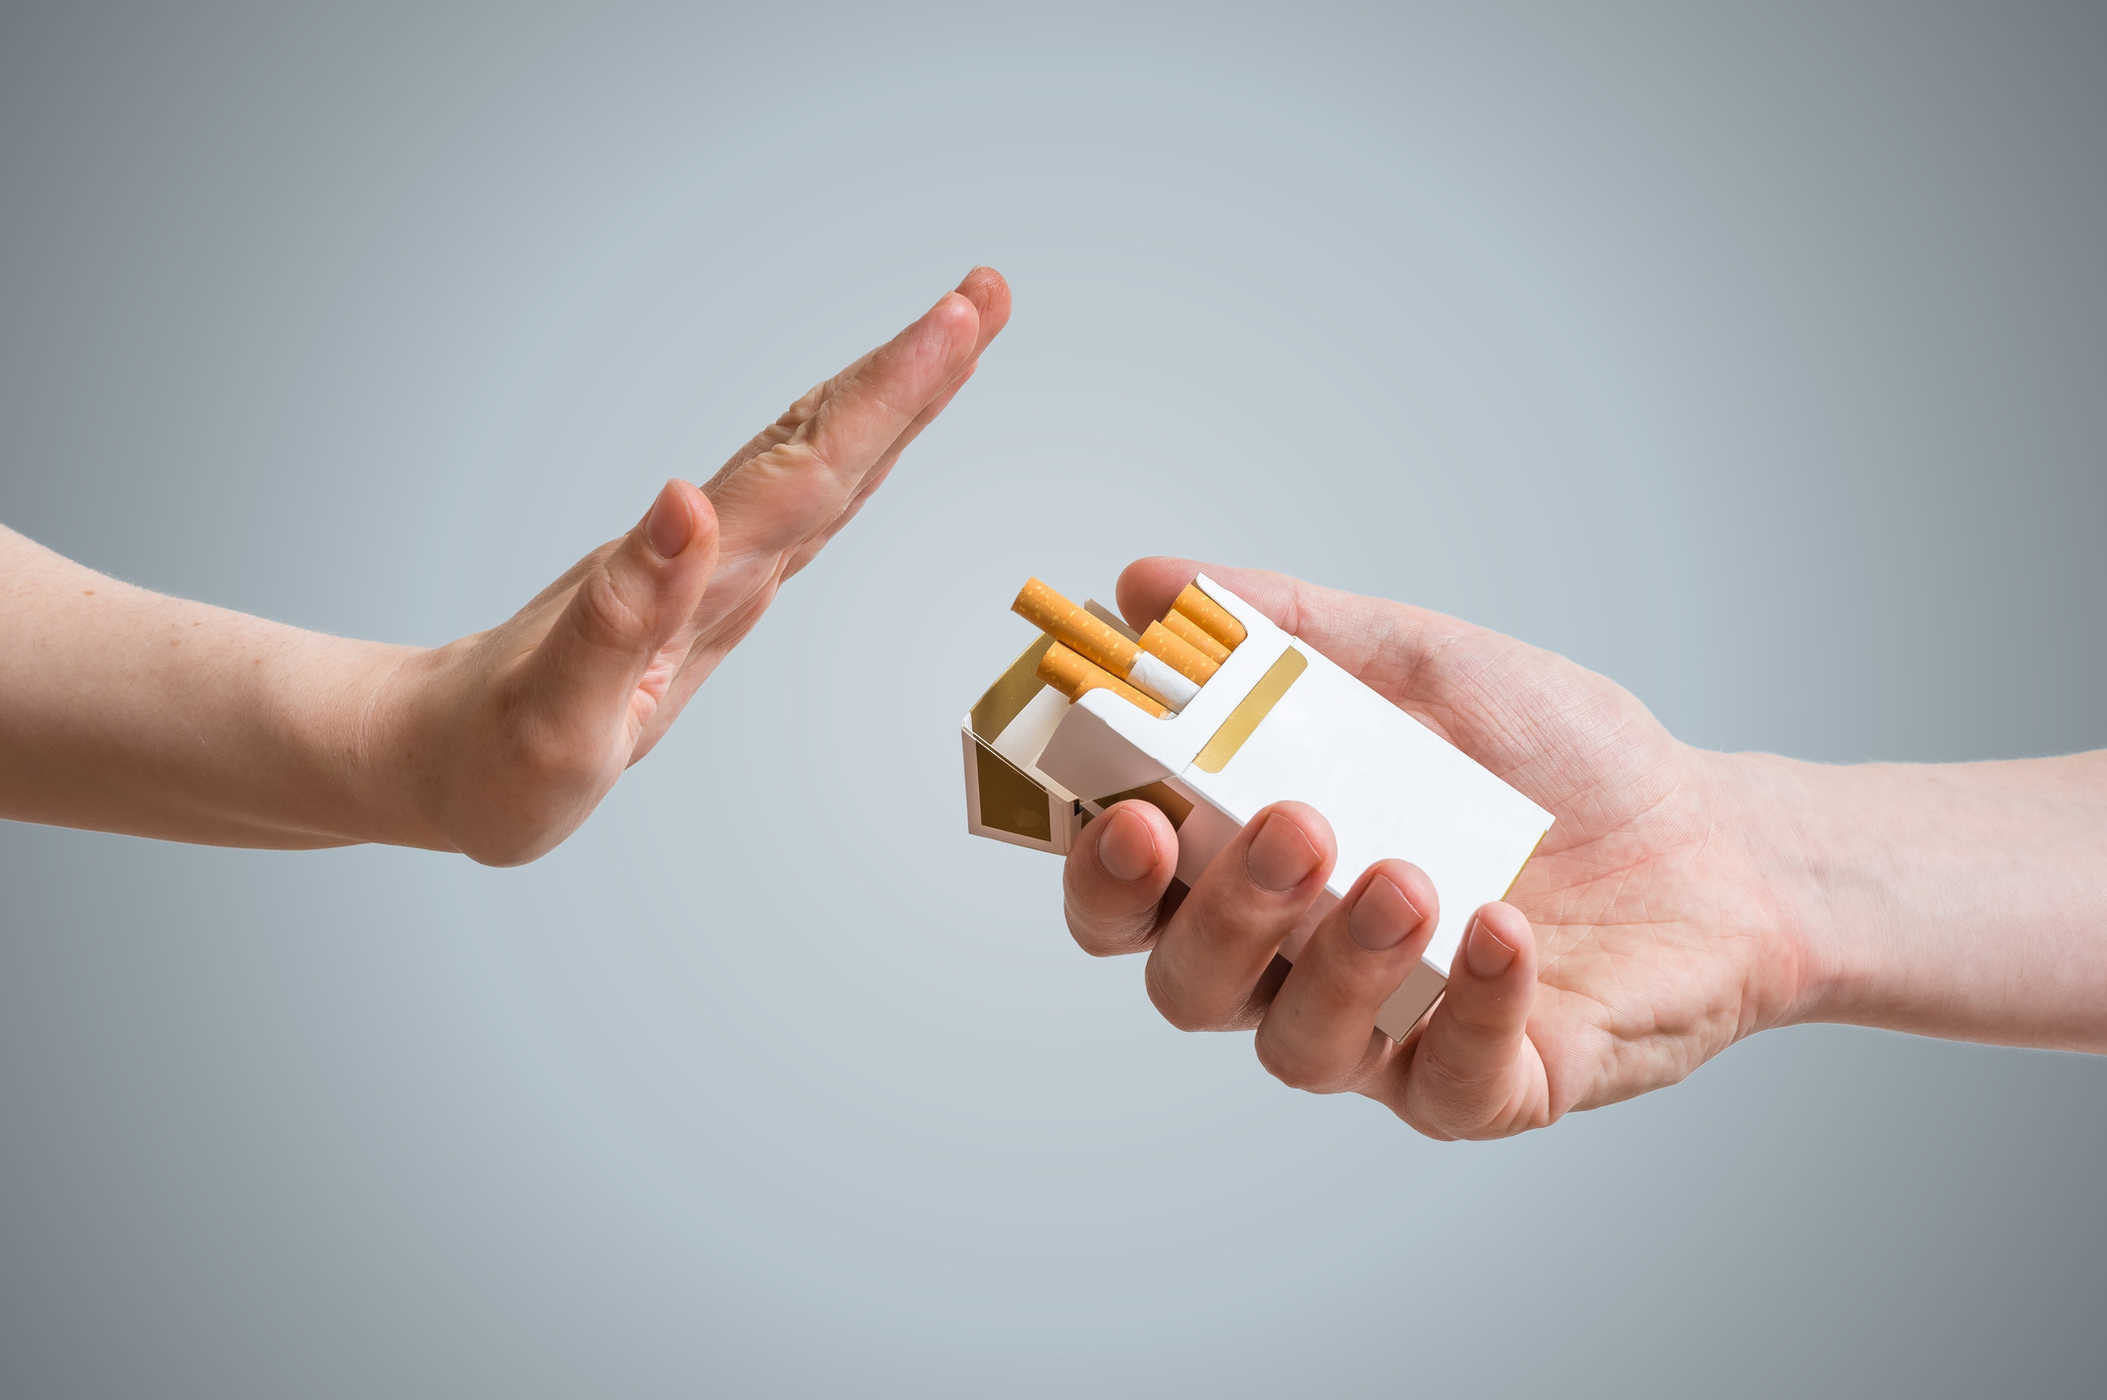 mẹo cai thuốc lá